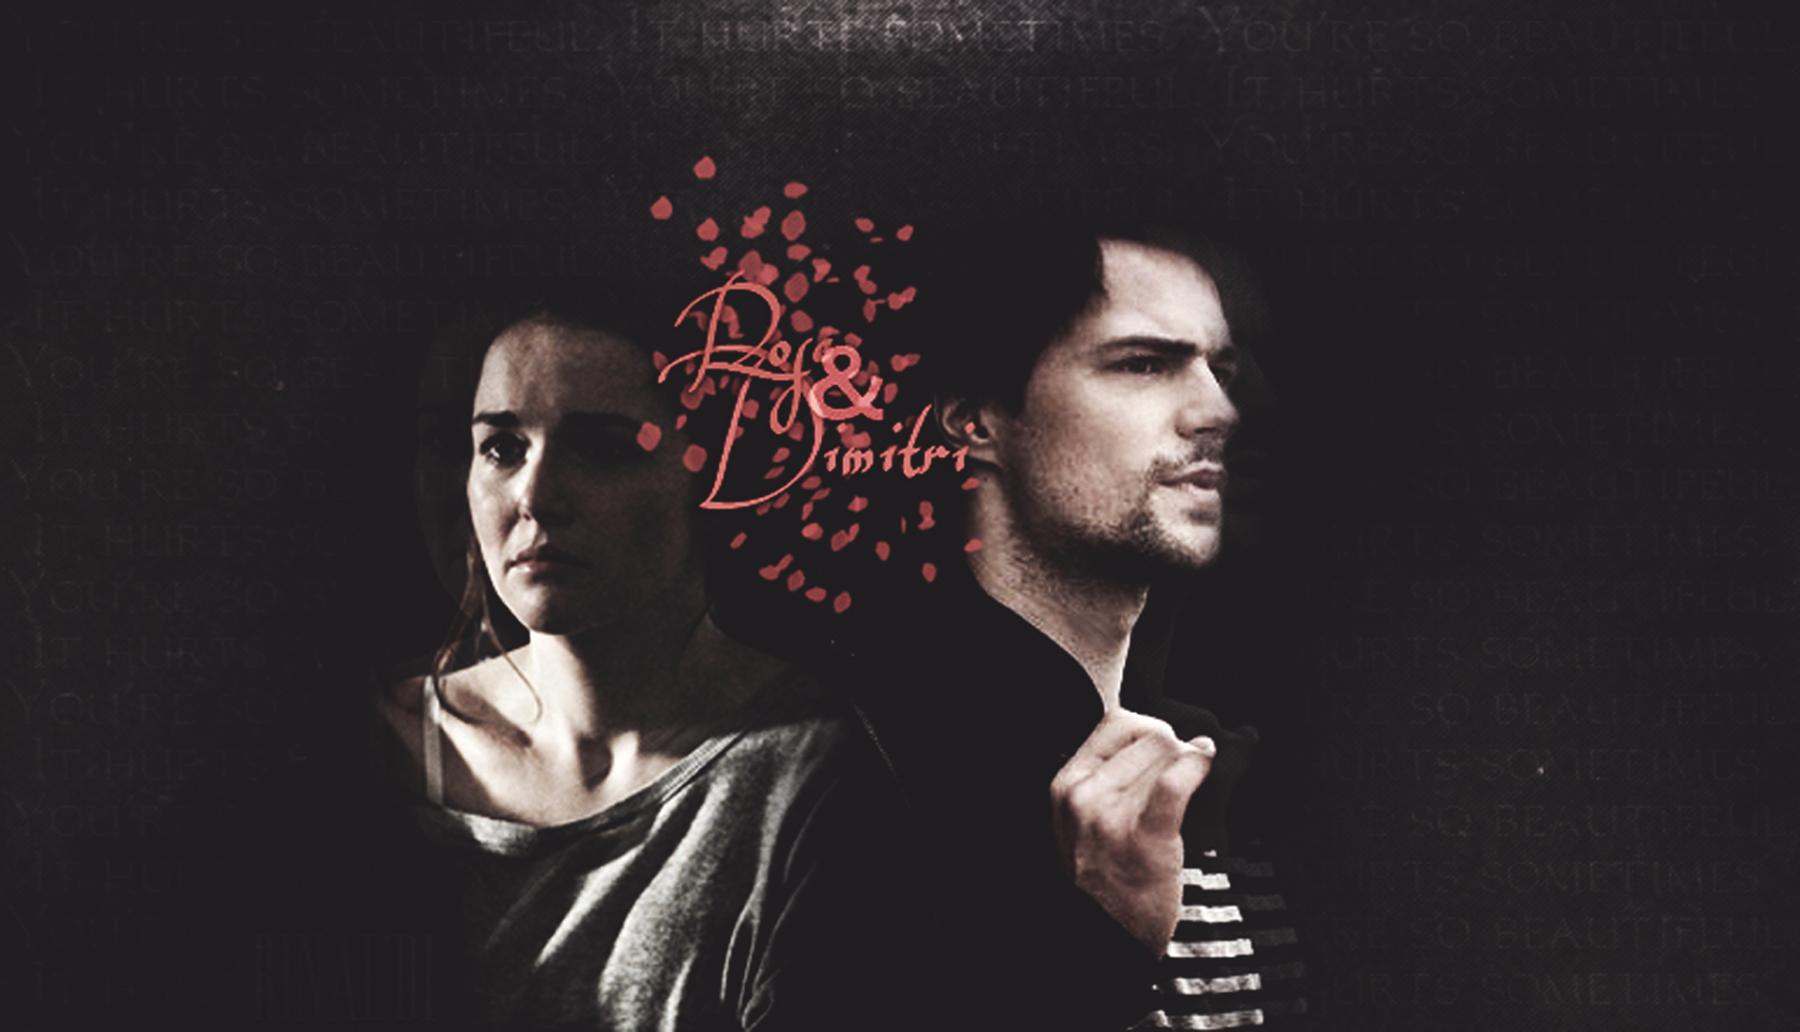 Rose & Dimitri wallpaper